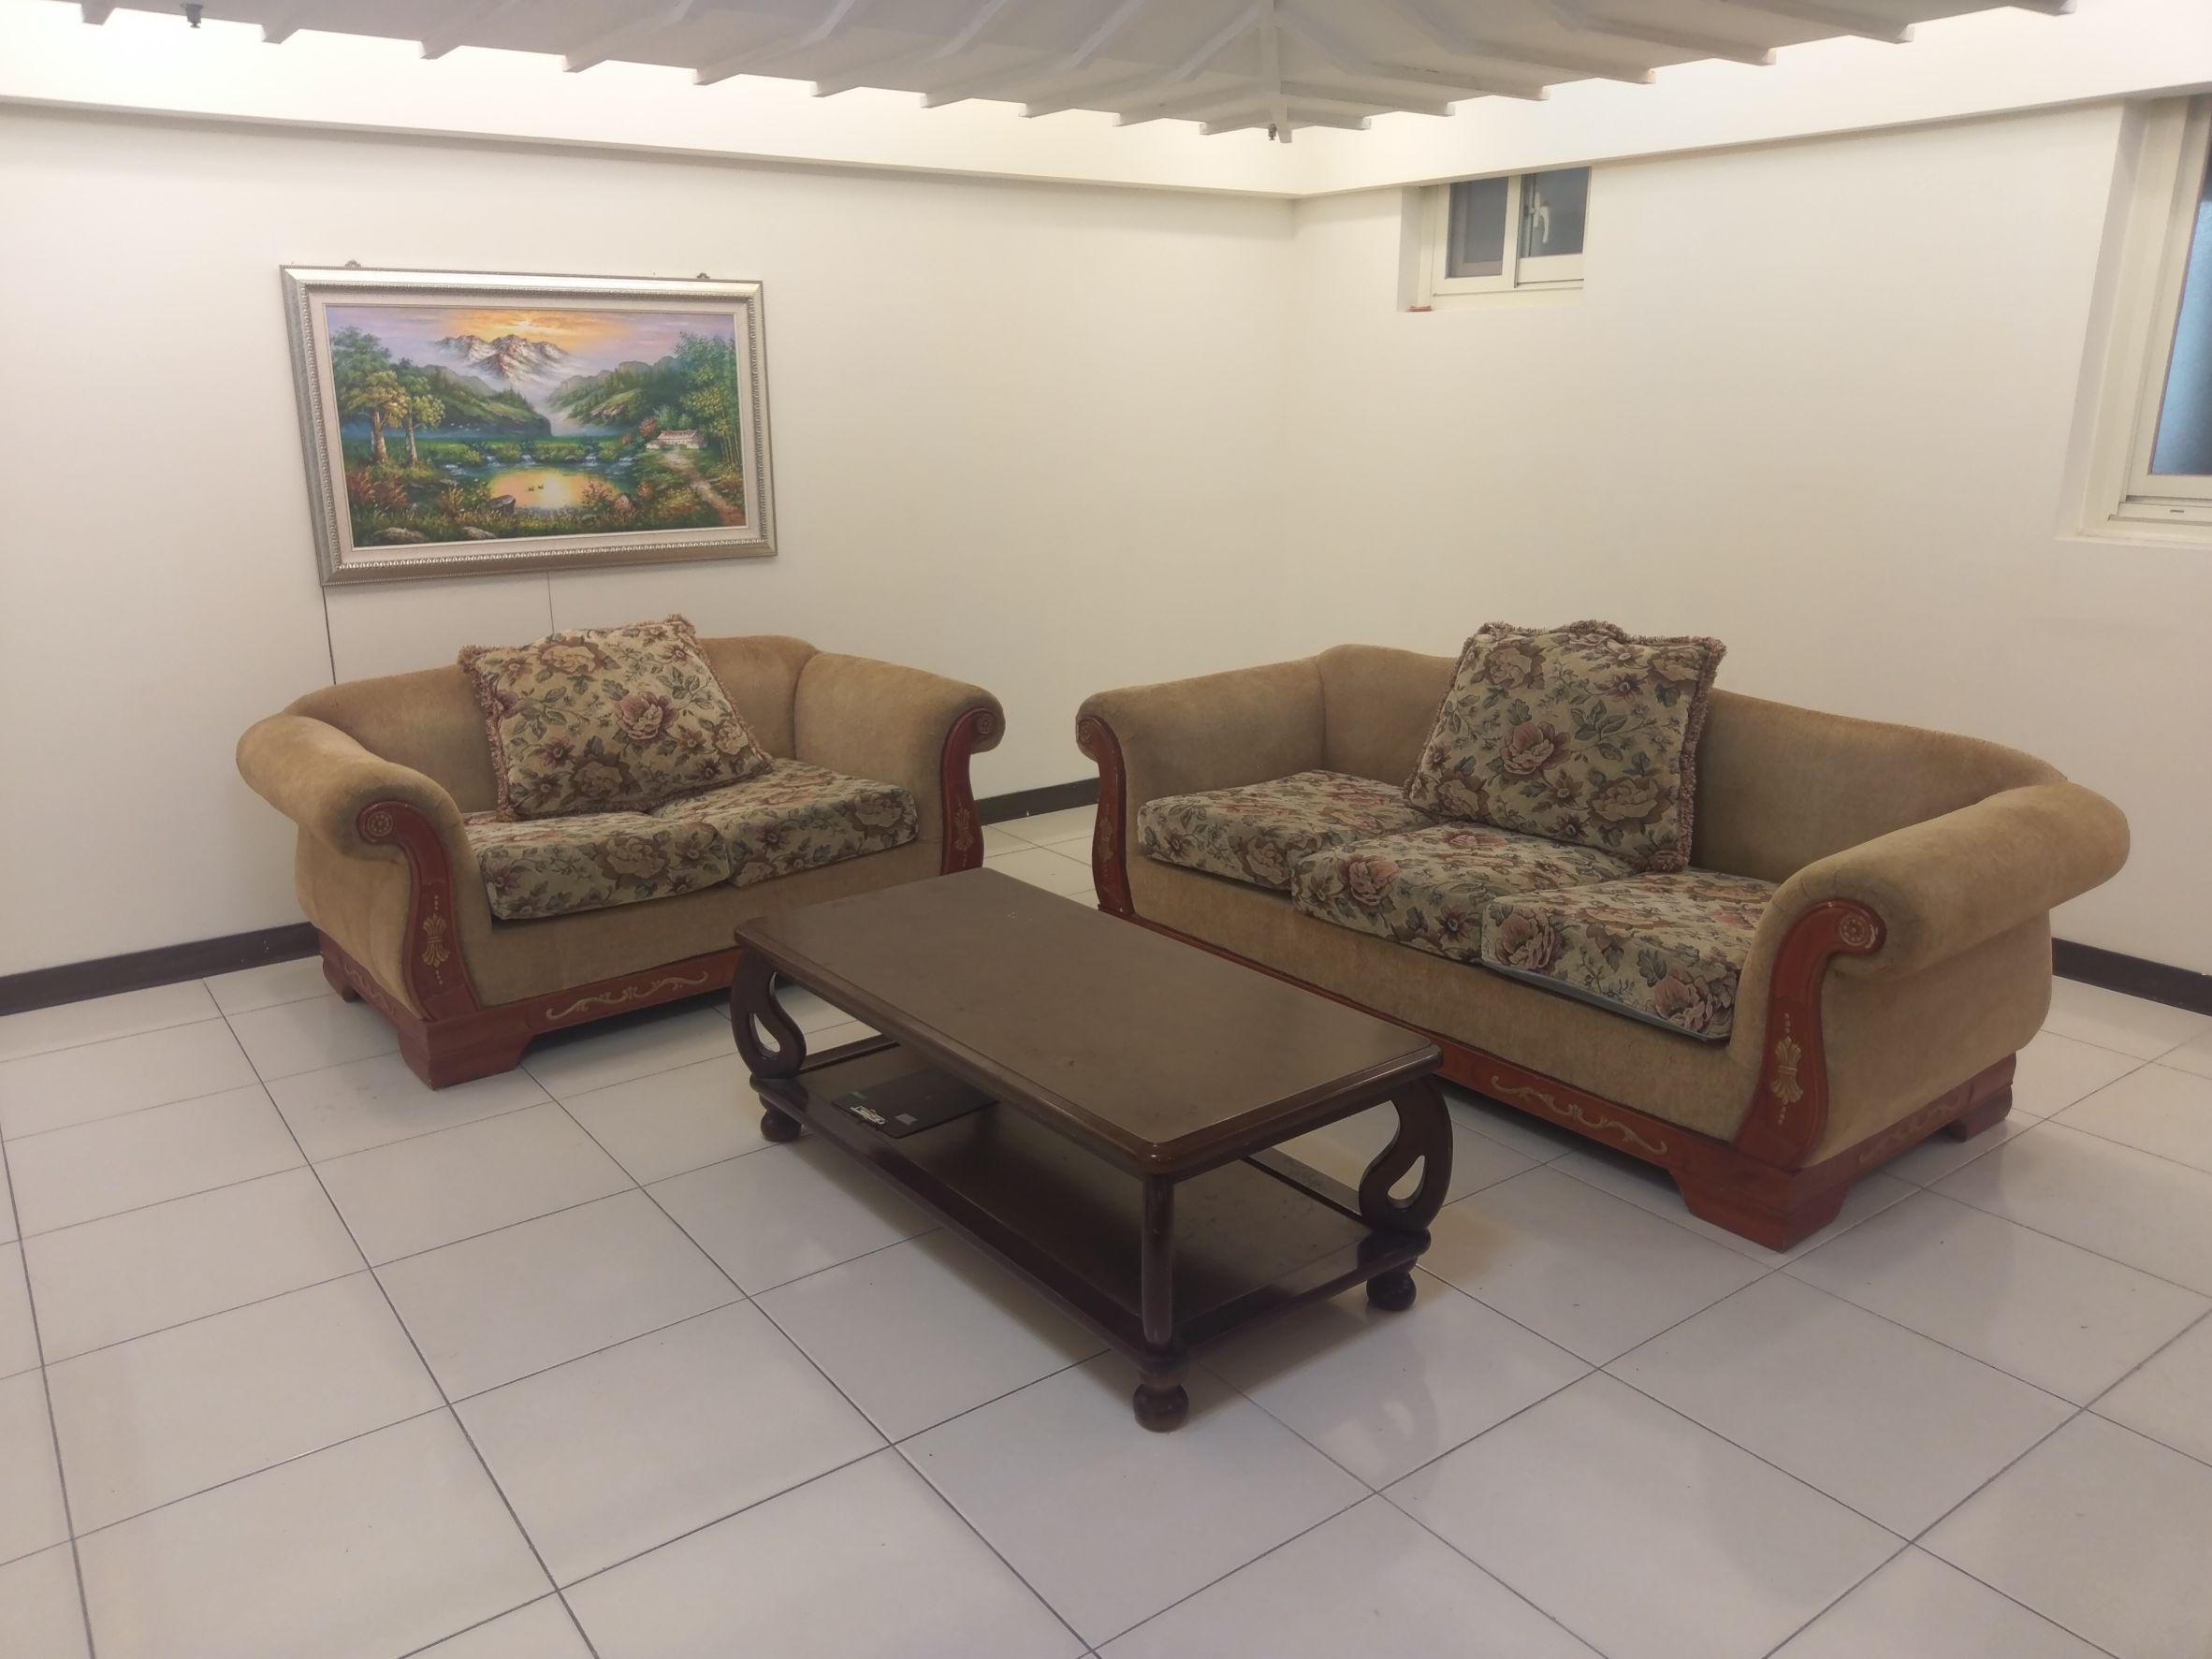 桃園市南雅護理之家-室內環境6